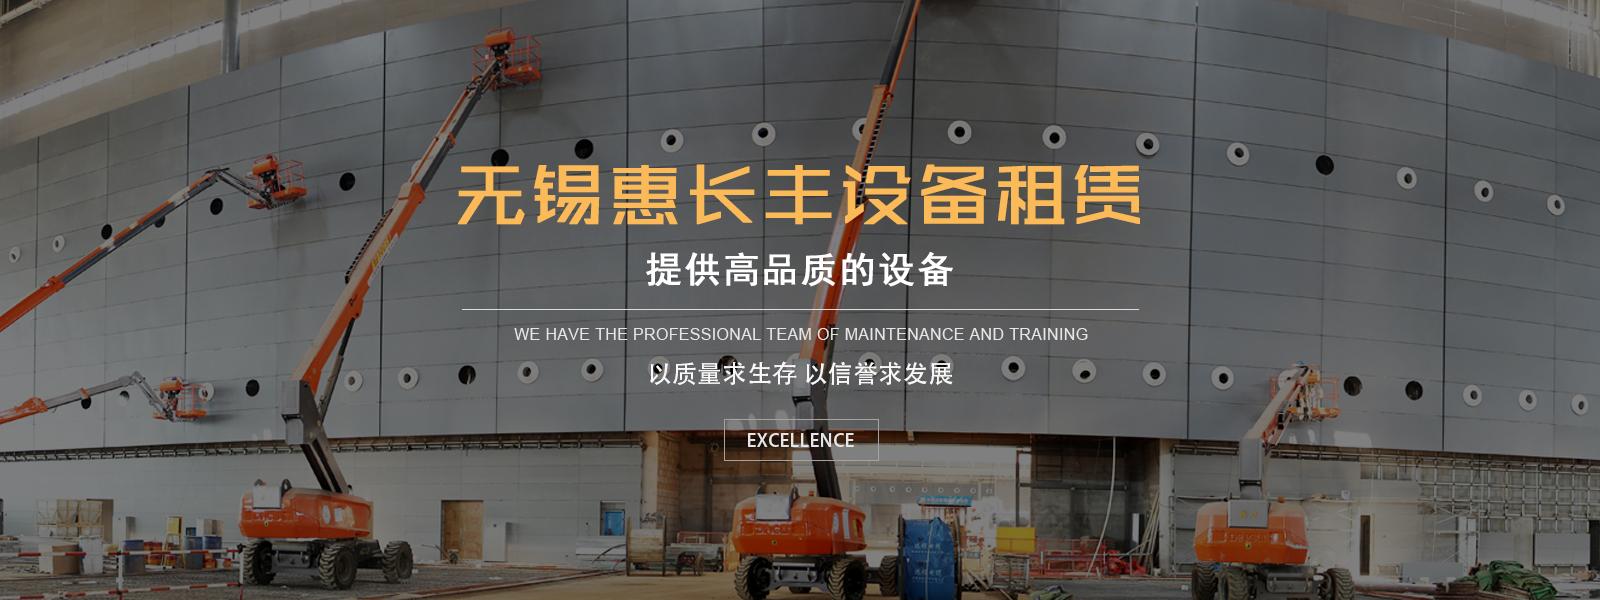 无锡亚游国际设备租赁有限公司